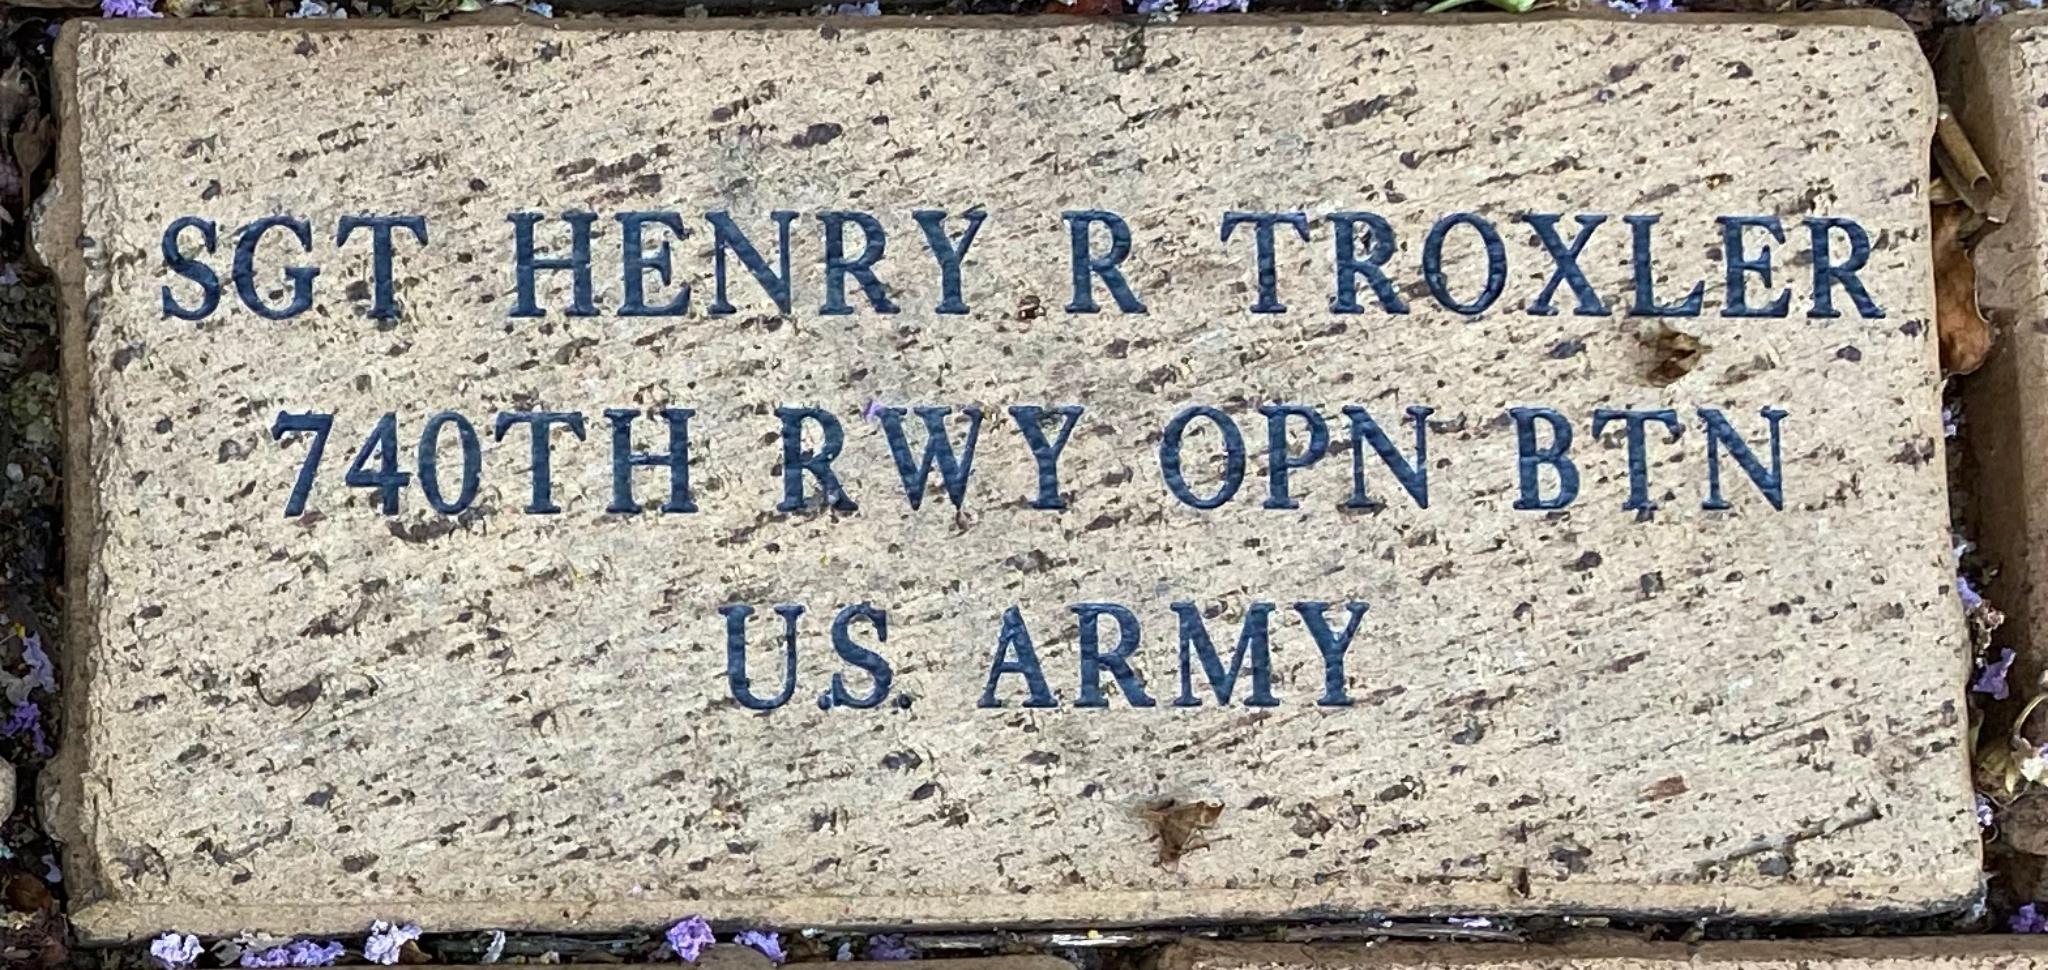 SGT HENRY R TROXLER 740TH RWY OPN BTN U.S. ARMY